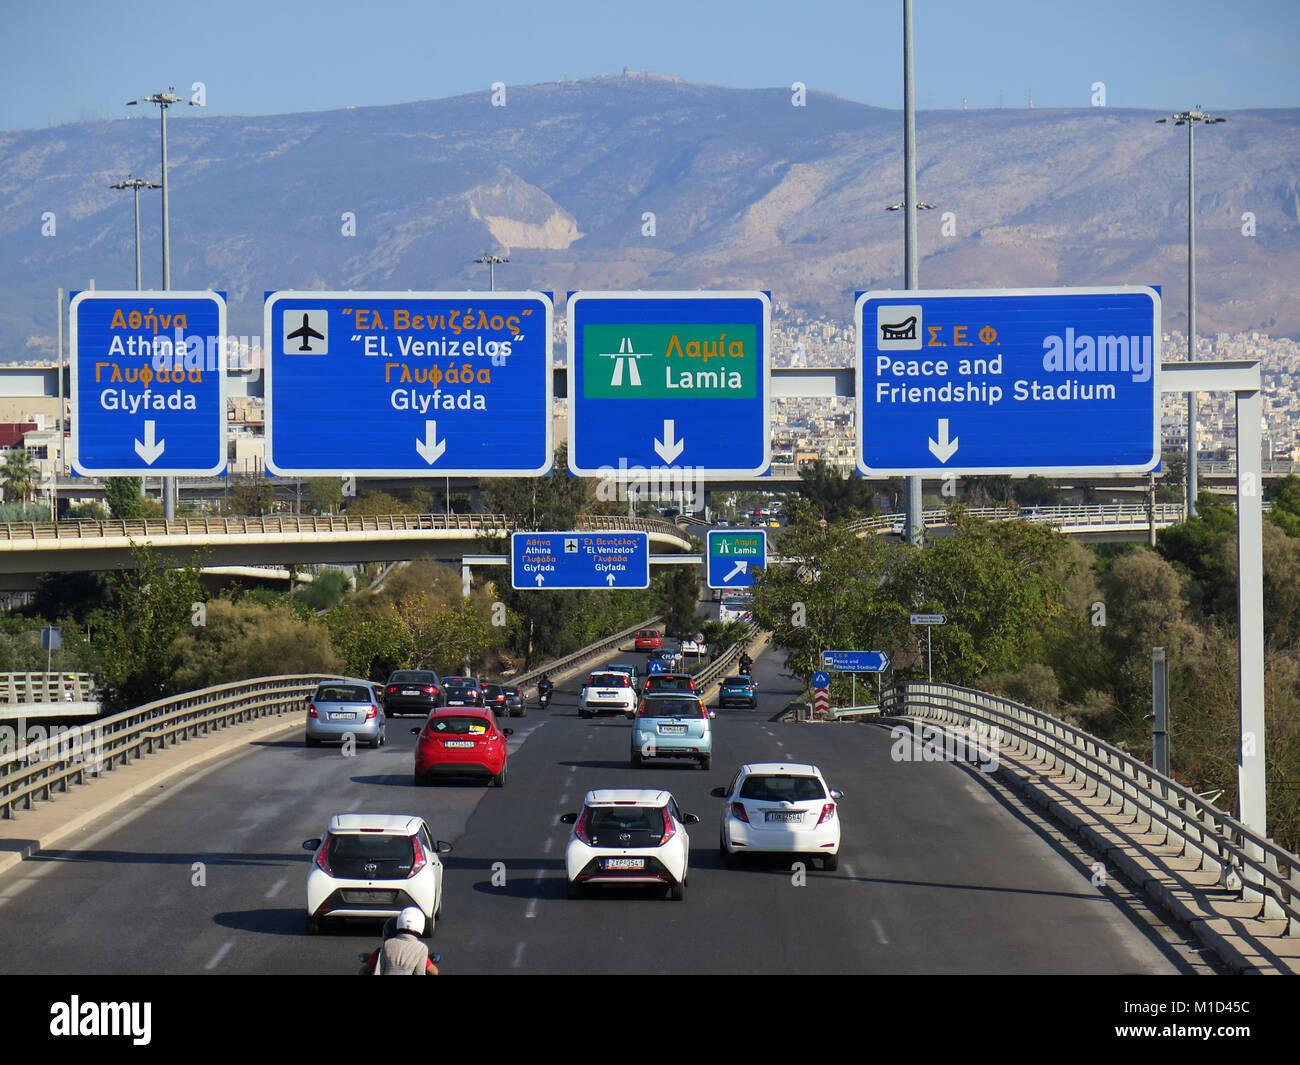 Stadtautobahn, Athen, Griechenland - Stock Image